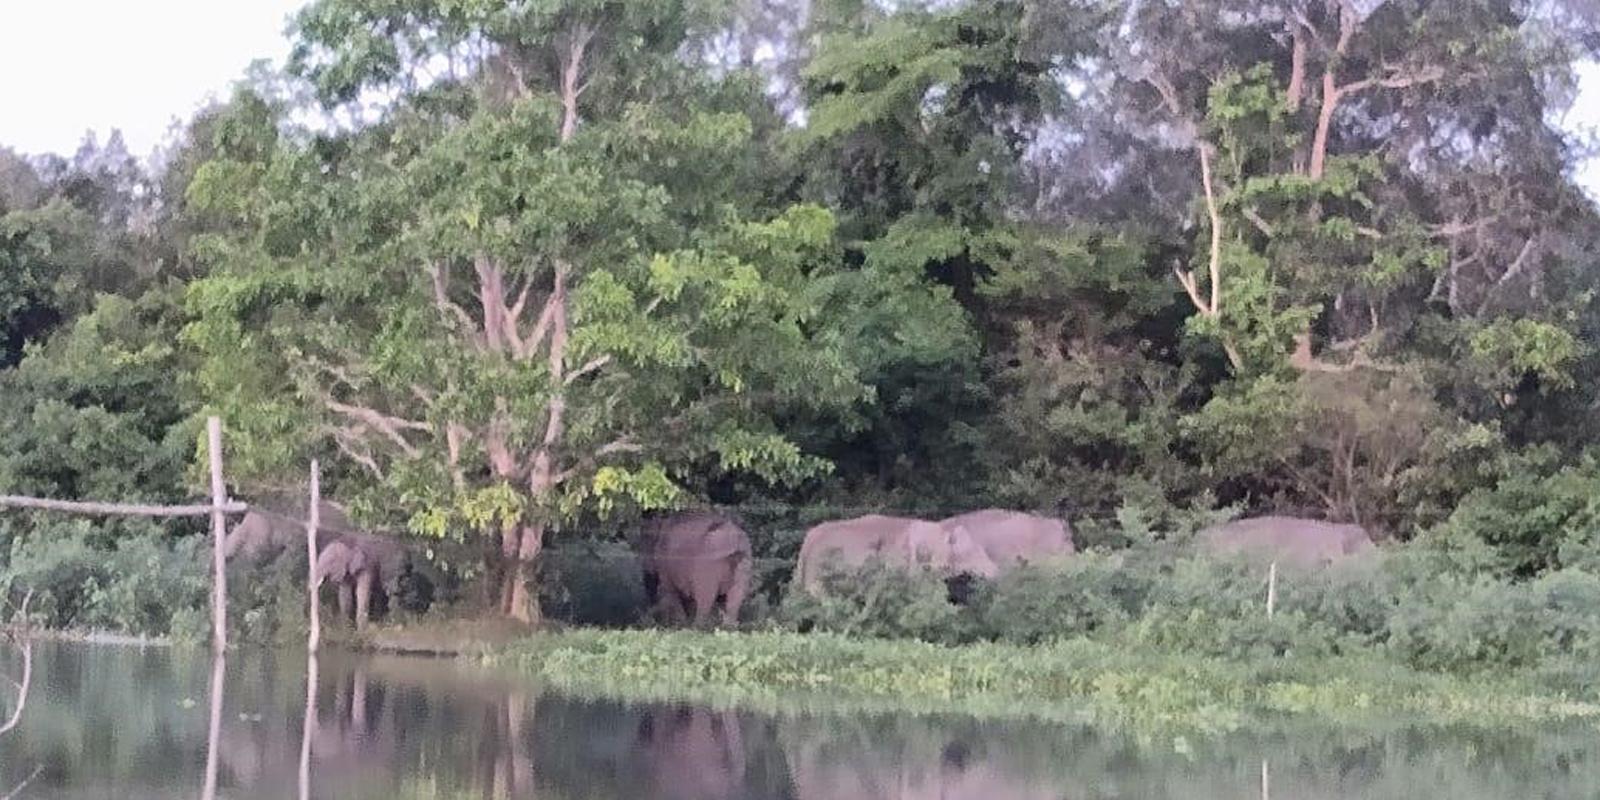 Extreme Trockenzeit auf Sumatra: Wildlebende Elefanten suchen die letzten Wasserstellen im Nationalpark auf